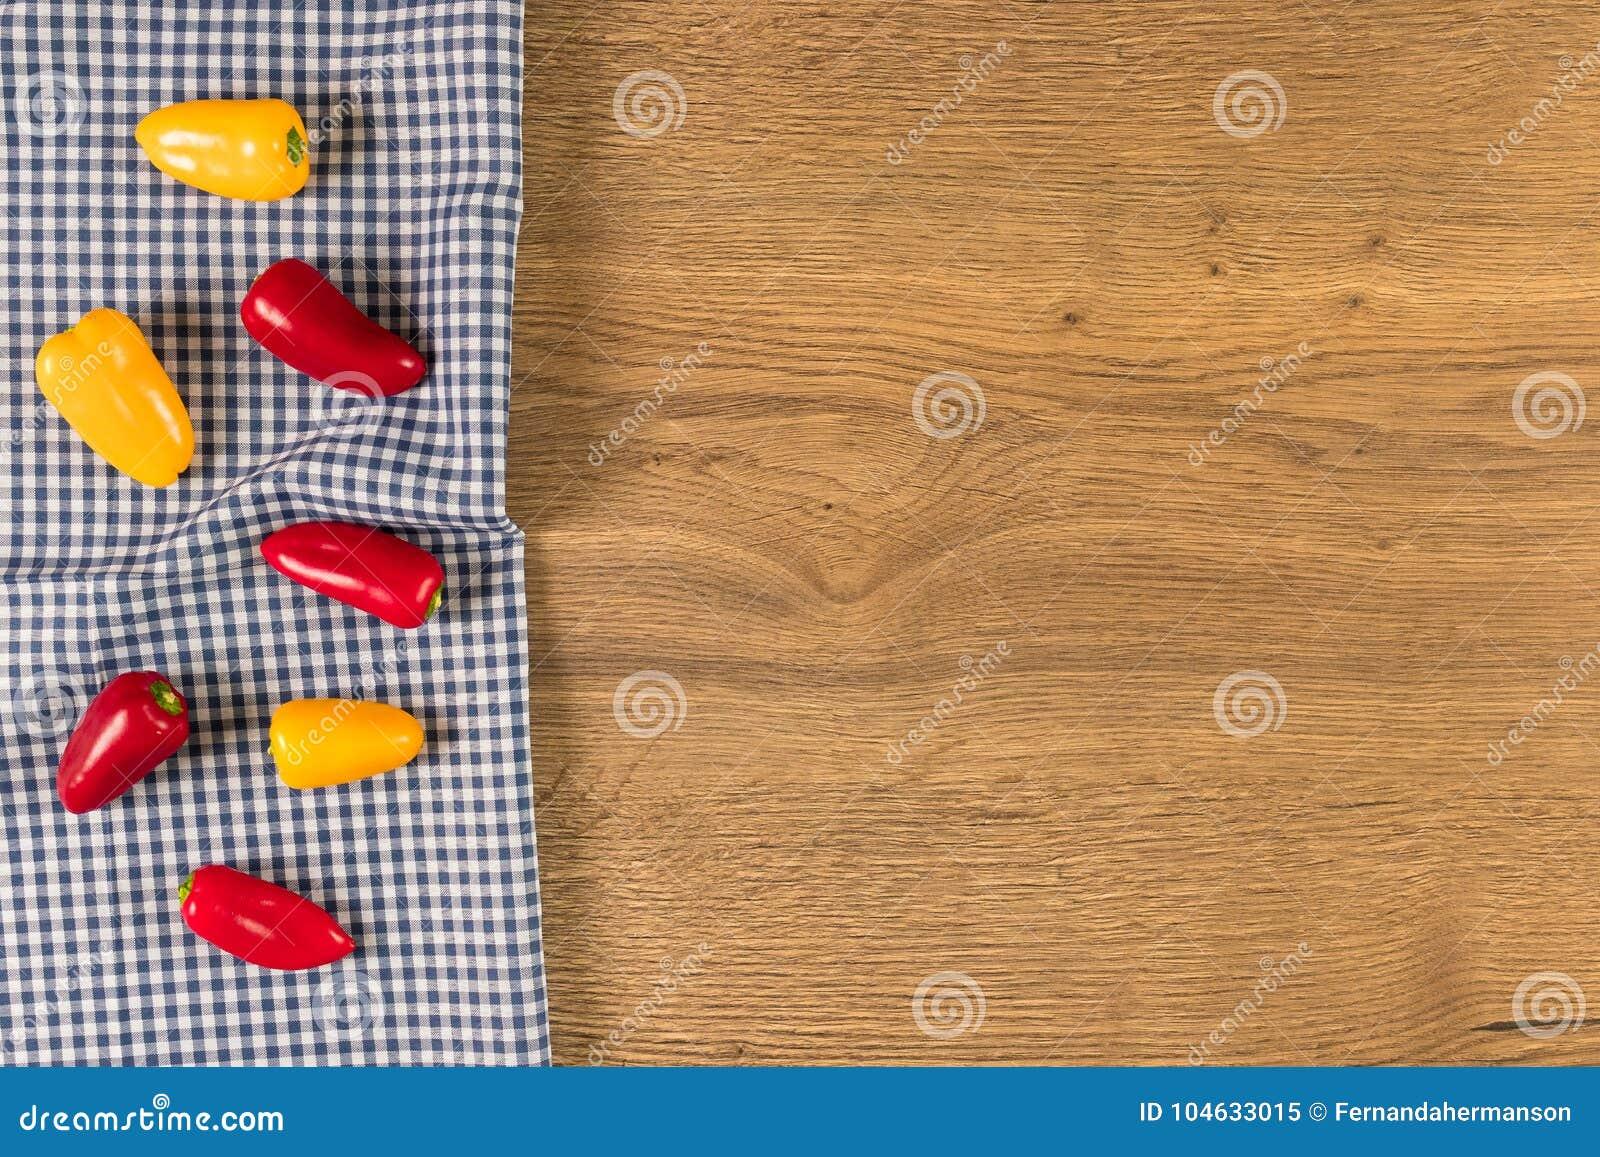 Download Gele En Spaanse Pepers Op Houten Achtergrond Stock Afbeelding - Afbeelding bestaande uit katoen, versheid: 104633015